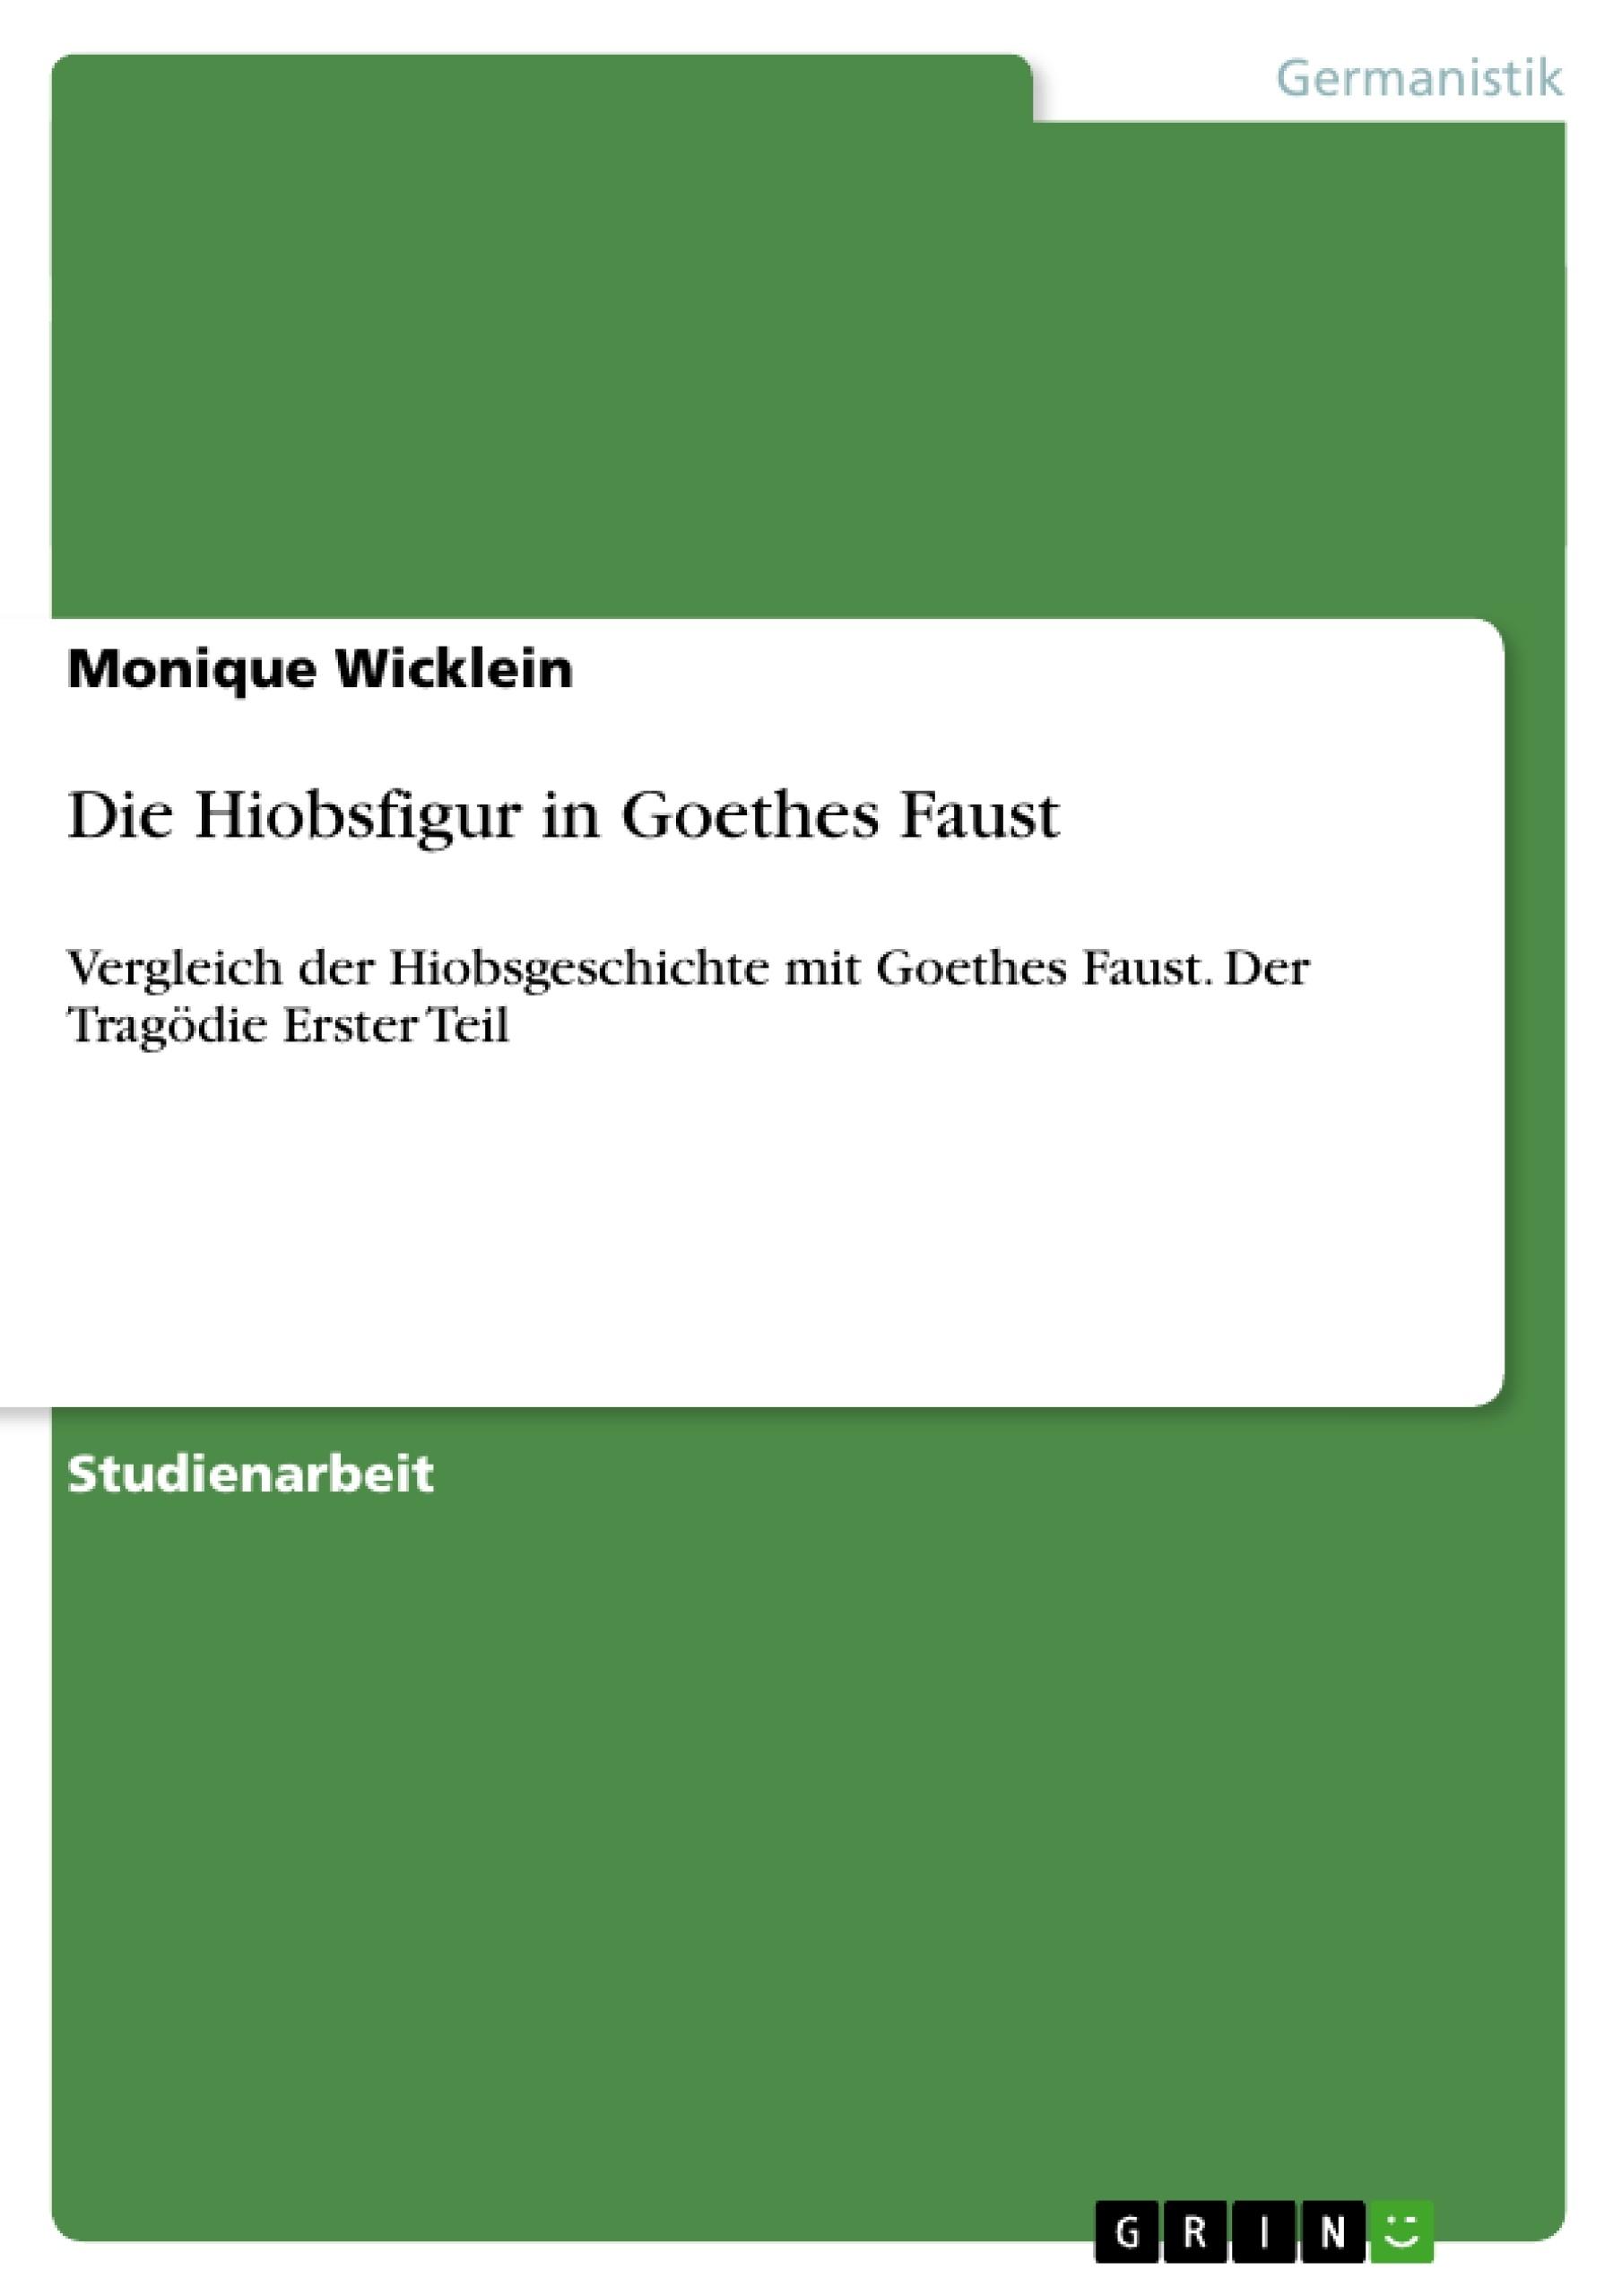 Titel: Die Hiobsfigur in Goethes Faust